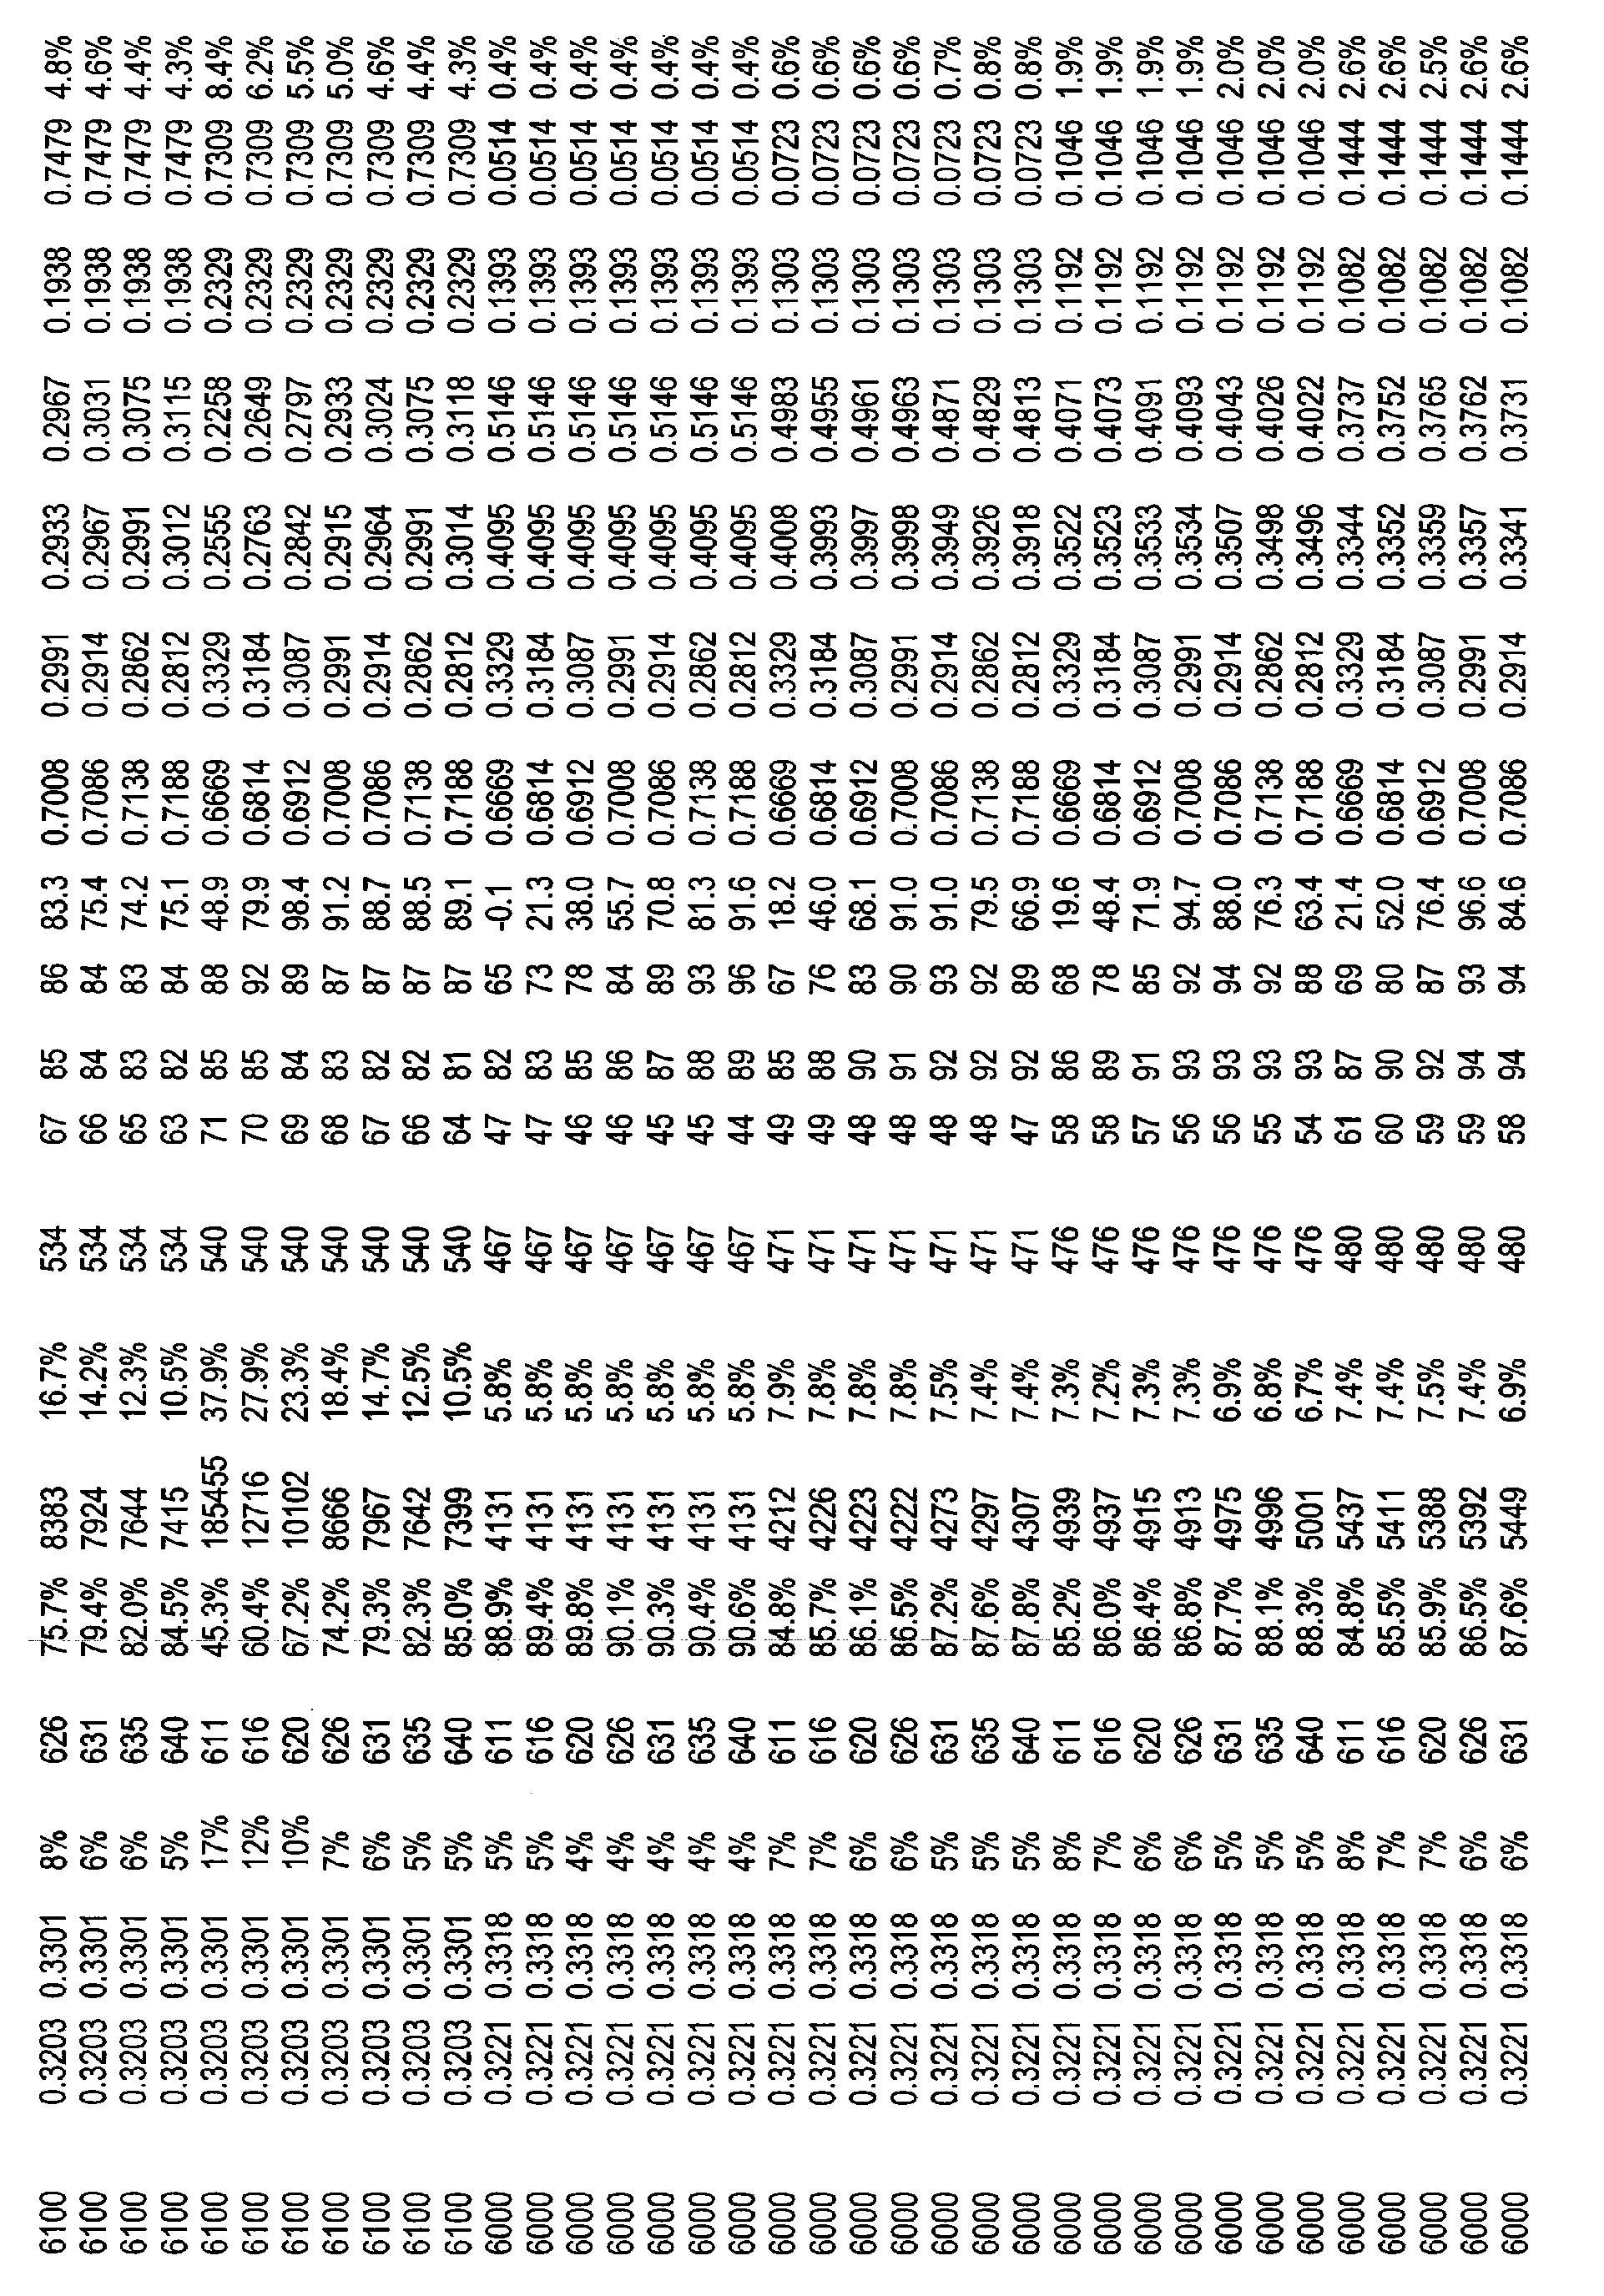 Figure CN101821544BD00371